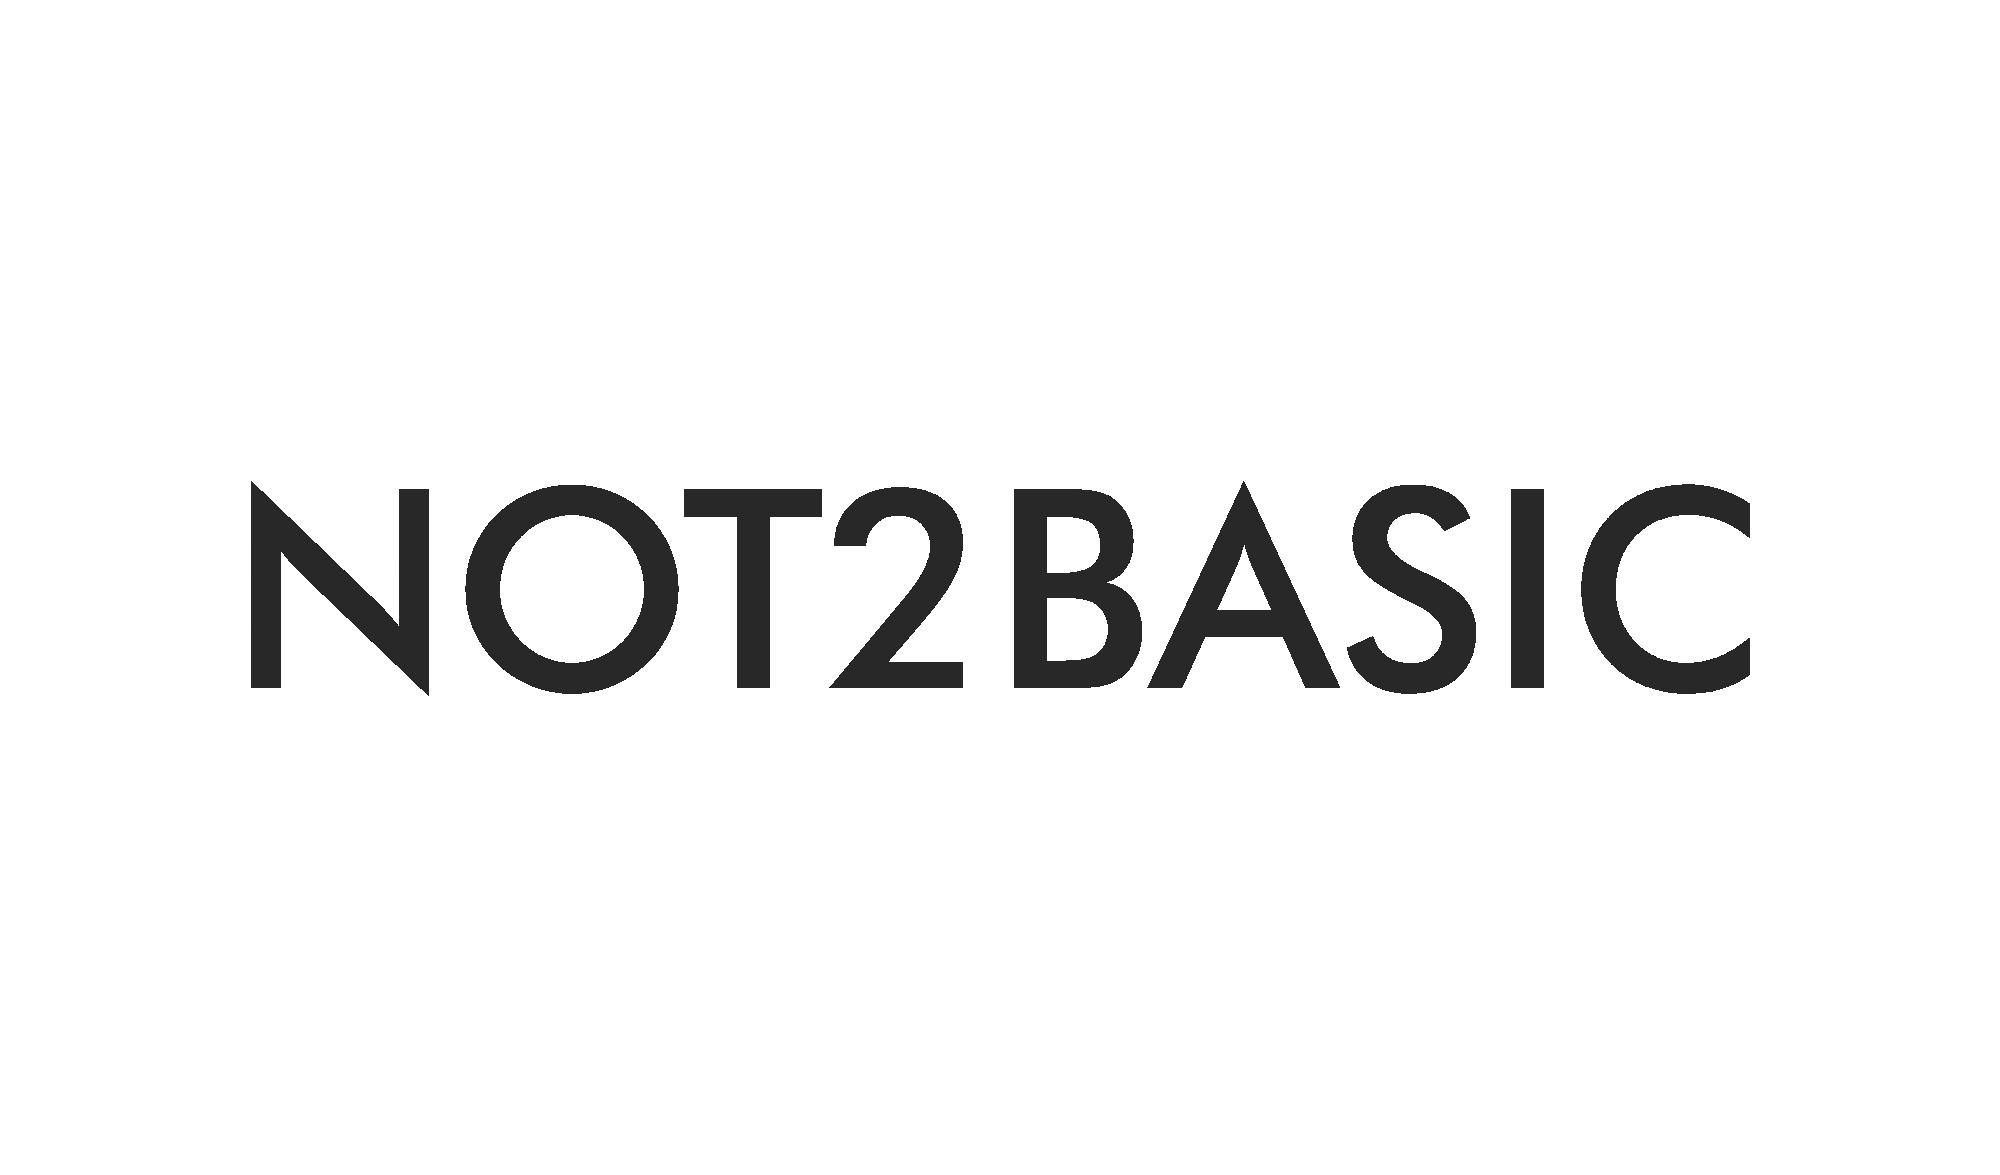 NOT2BASIC